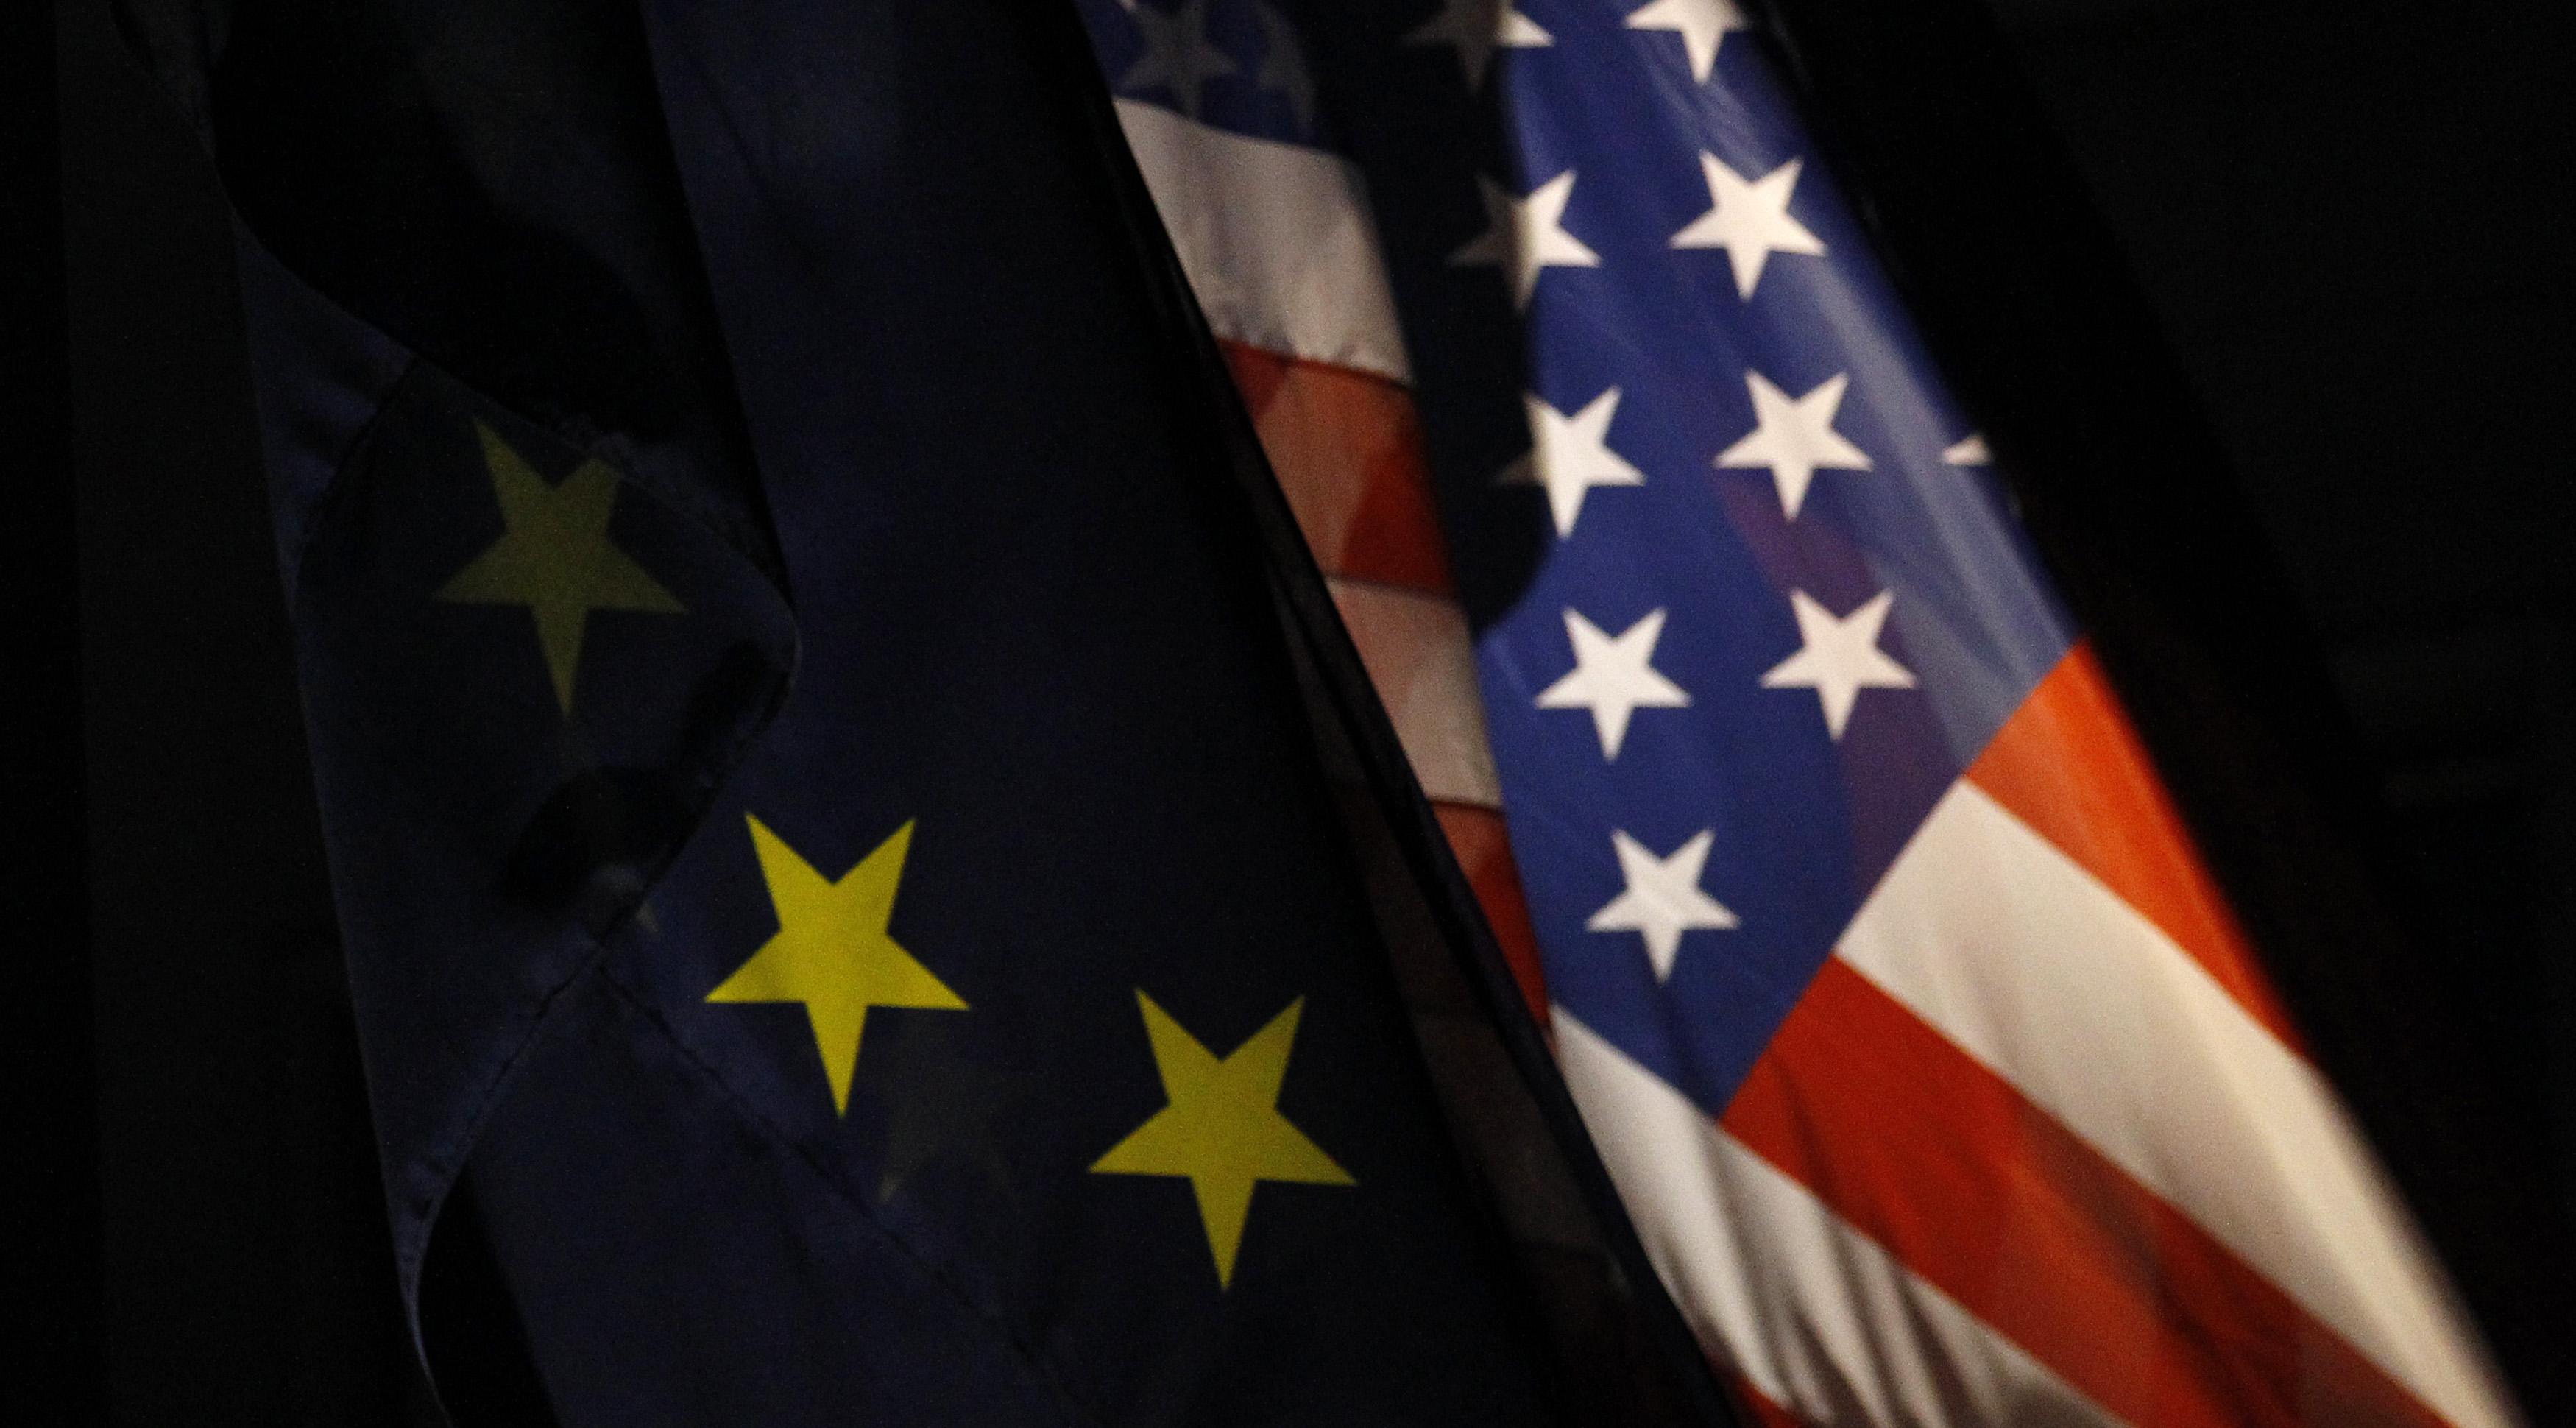 Le conseiller économique de la Maison blanche a prévenu jeudi que l'UE ne devait pas prendre des mesures de rétorsion après que l'OMC a autorisé les Etats-Unis à surtaxer des produits européens dans le cadre du litige sur les subventions au secteur aéronautique. /Photo d'archives/REUTERS/Tobias Schwarz